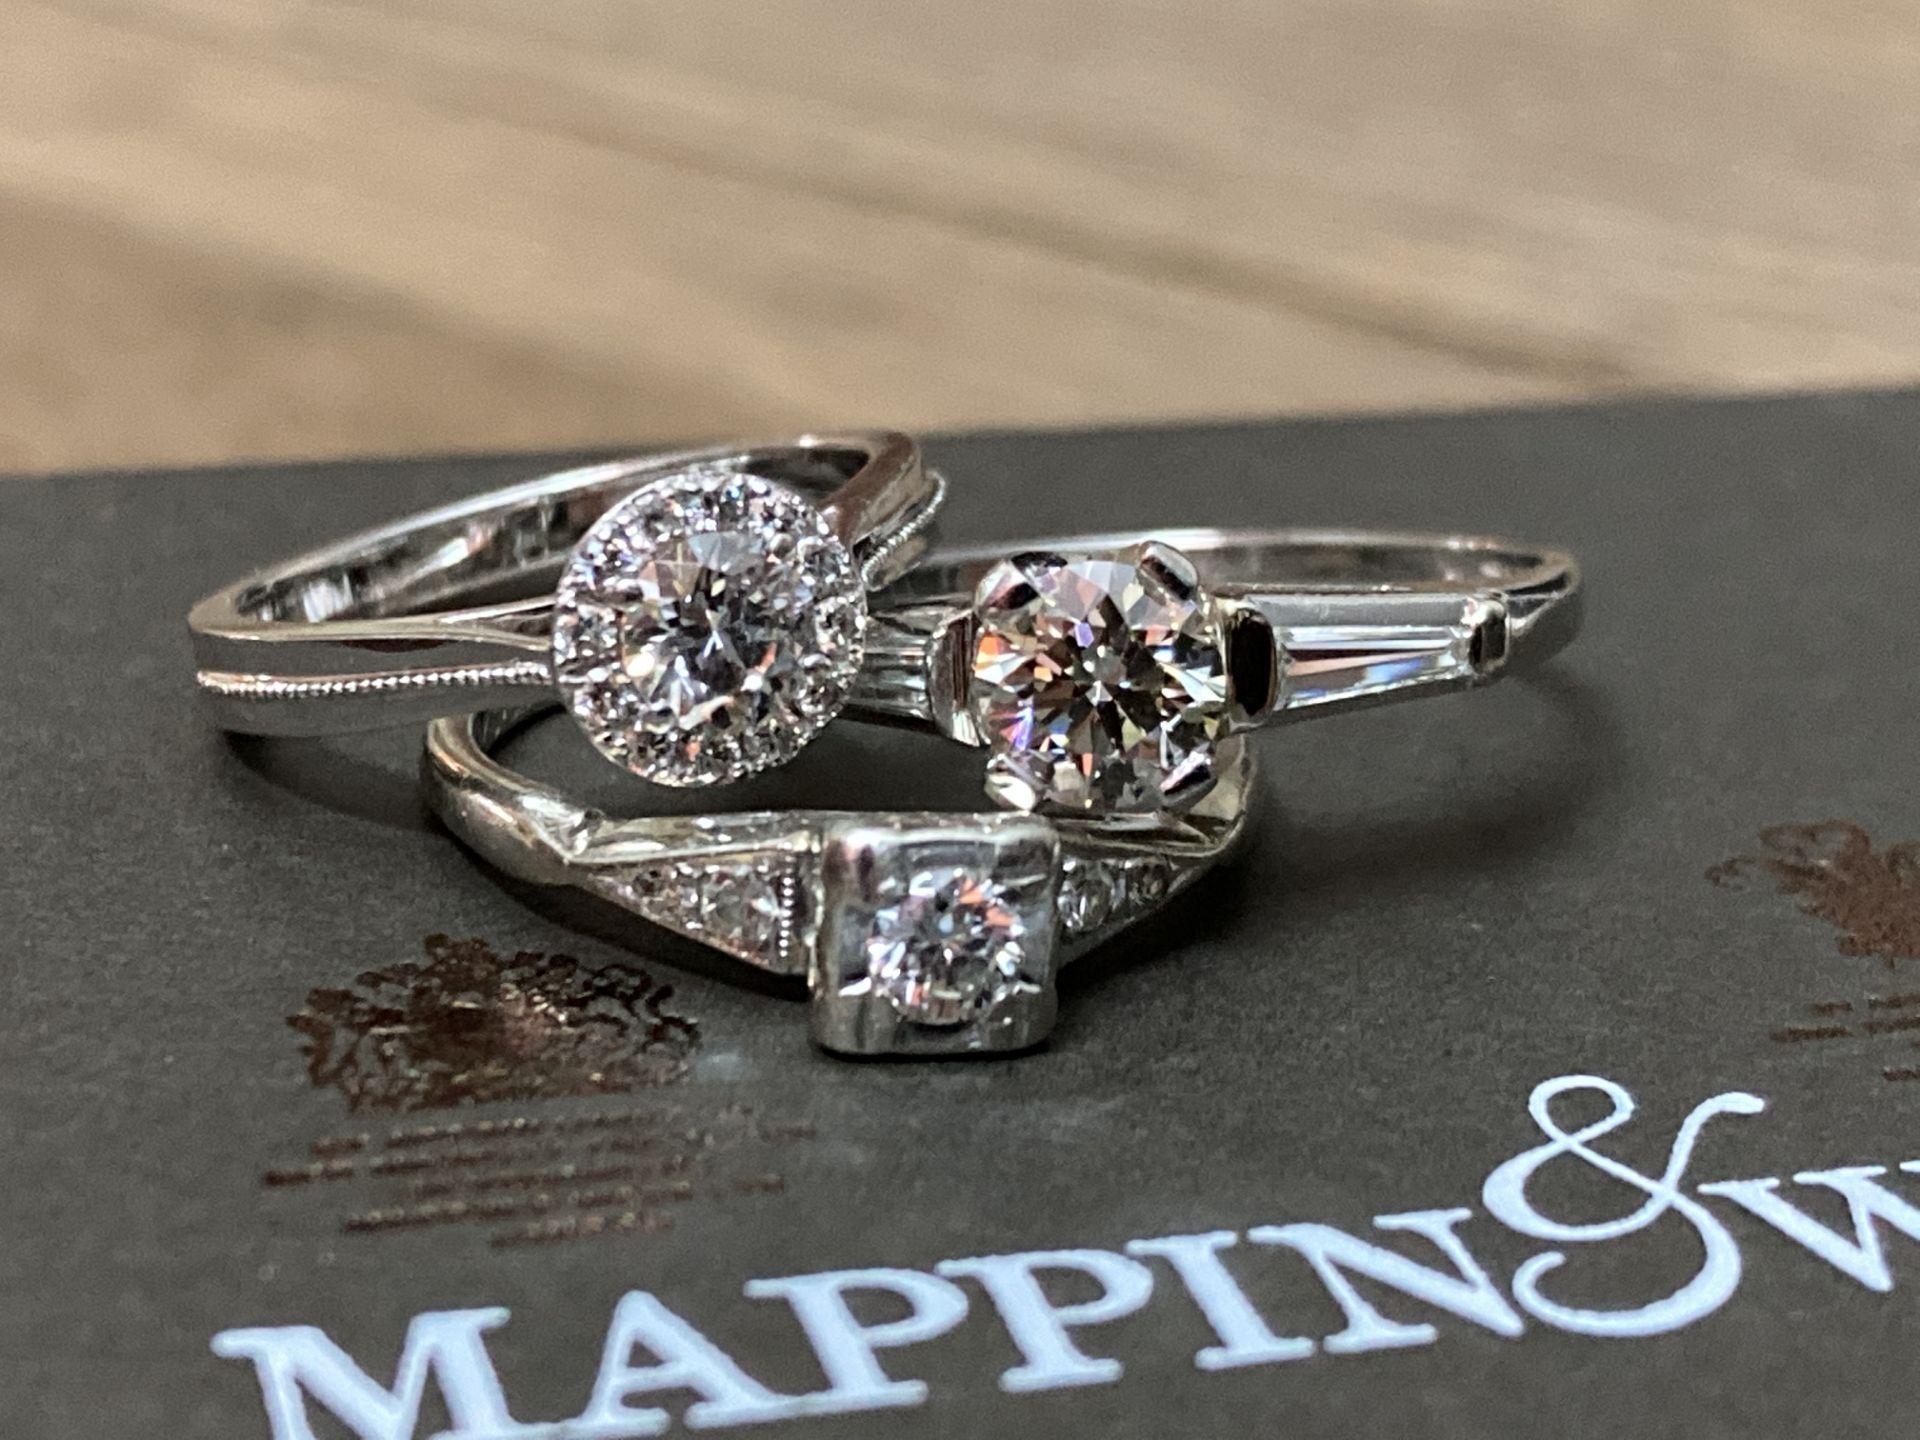 BEAUTIFUL TRIO OF DIAMOND RINGS - Image 2 of 6